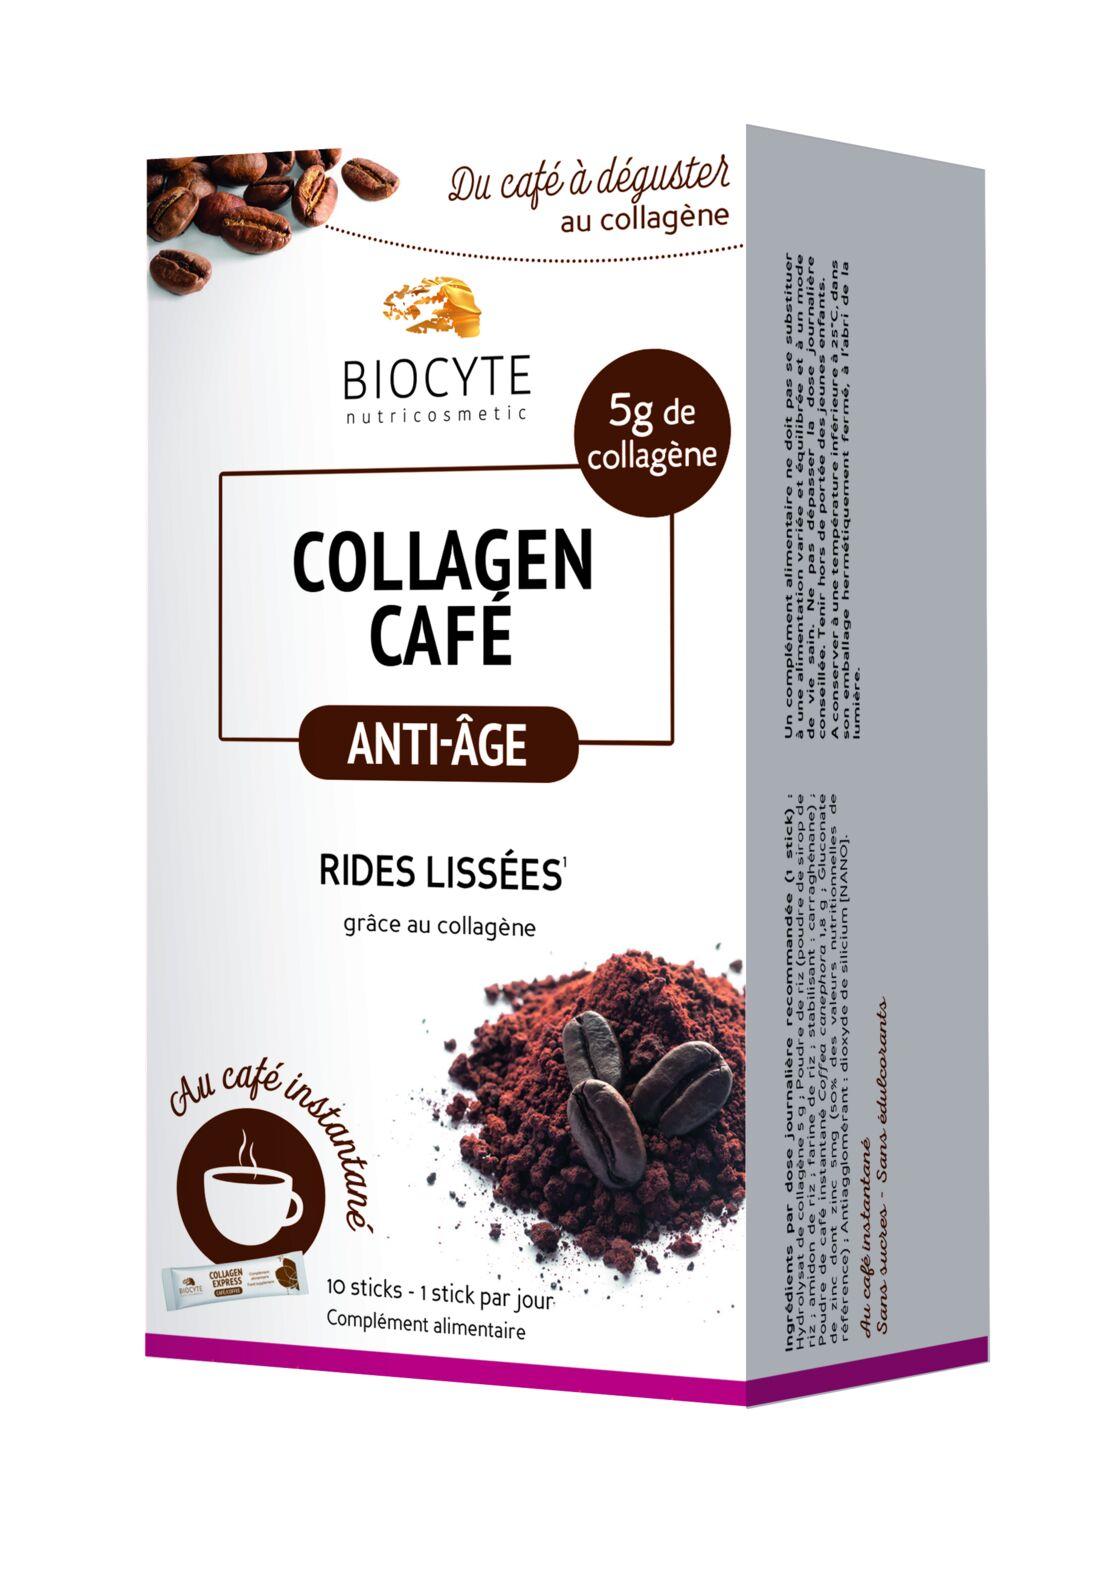 Collagène Café Anti-Age de Biocyte, 25 € les 10 sticks (en pharmacies et parapharmacies).